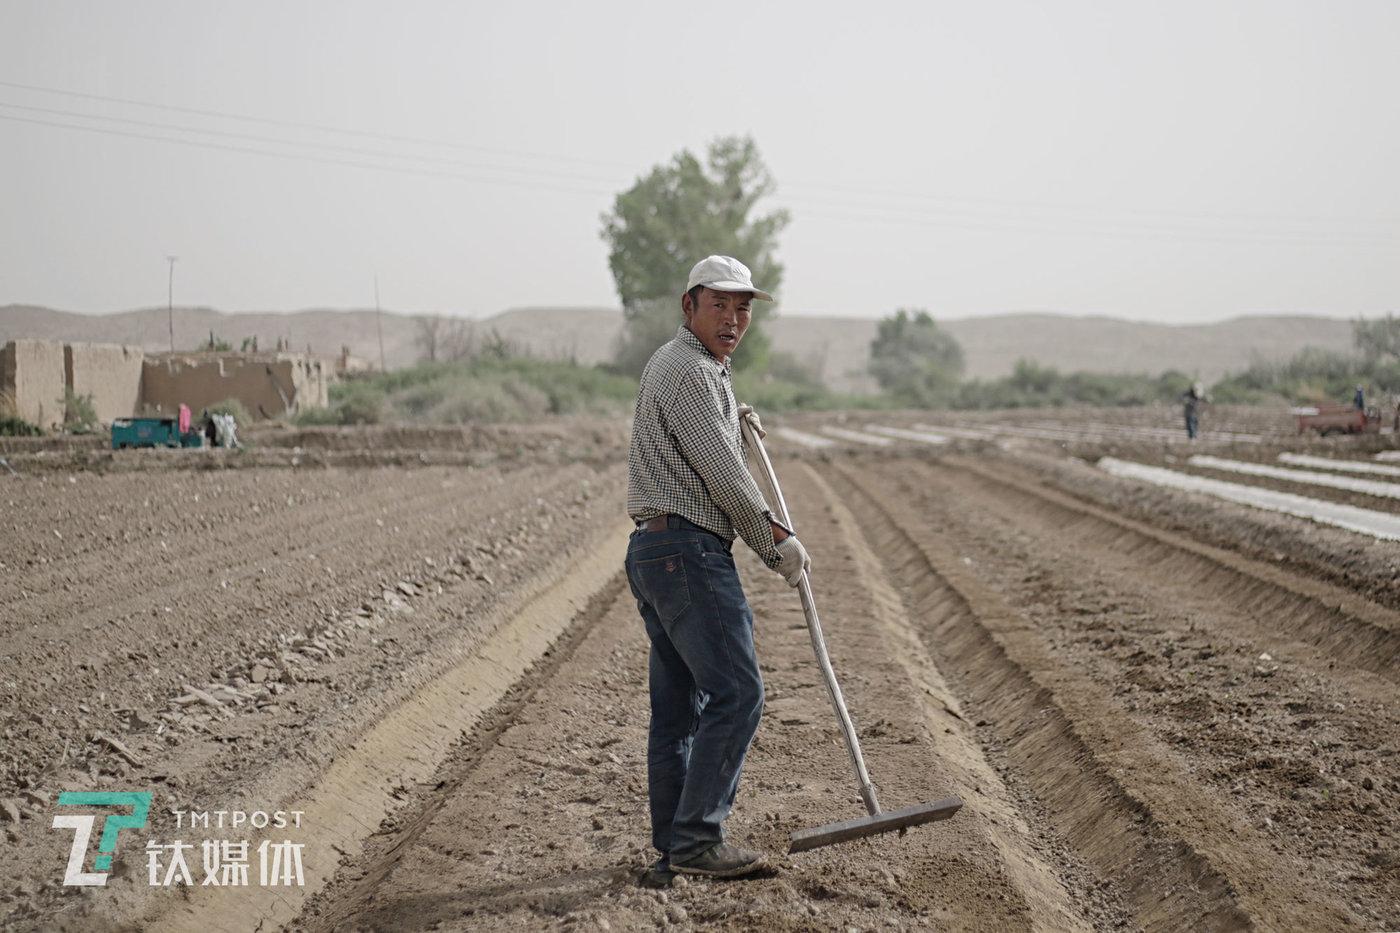 48岁瓜农薛志明今年种了40亩蜜瓜。他每年3月开始平地,5月中下旬播种,8月下旬收瓜卖瓜,9月闲下来直到来年3月。播种的时间是他一年中最忙最累的日子。